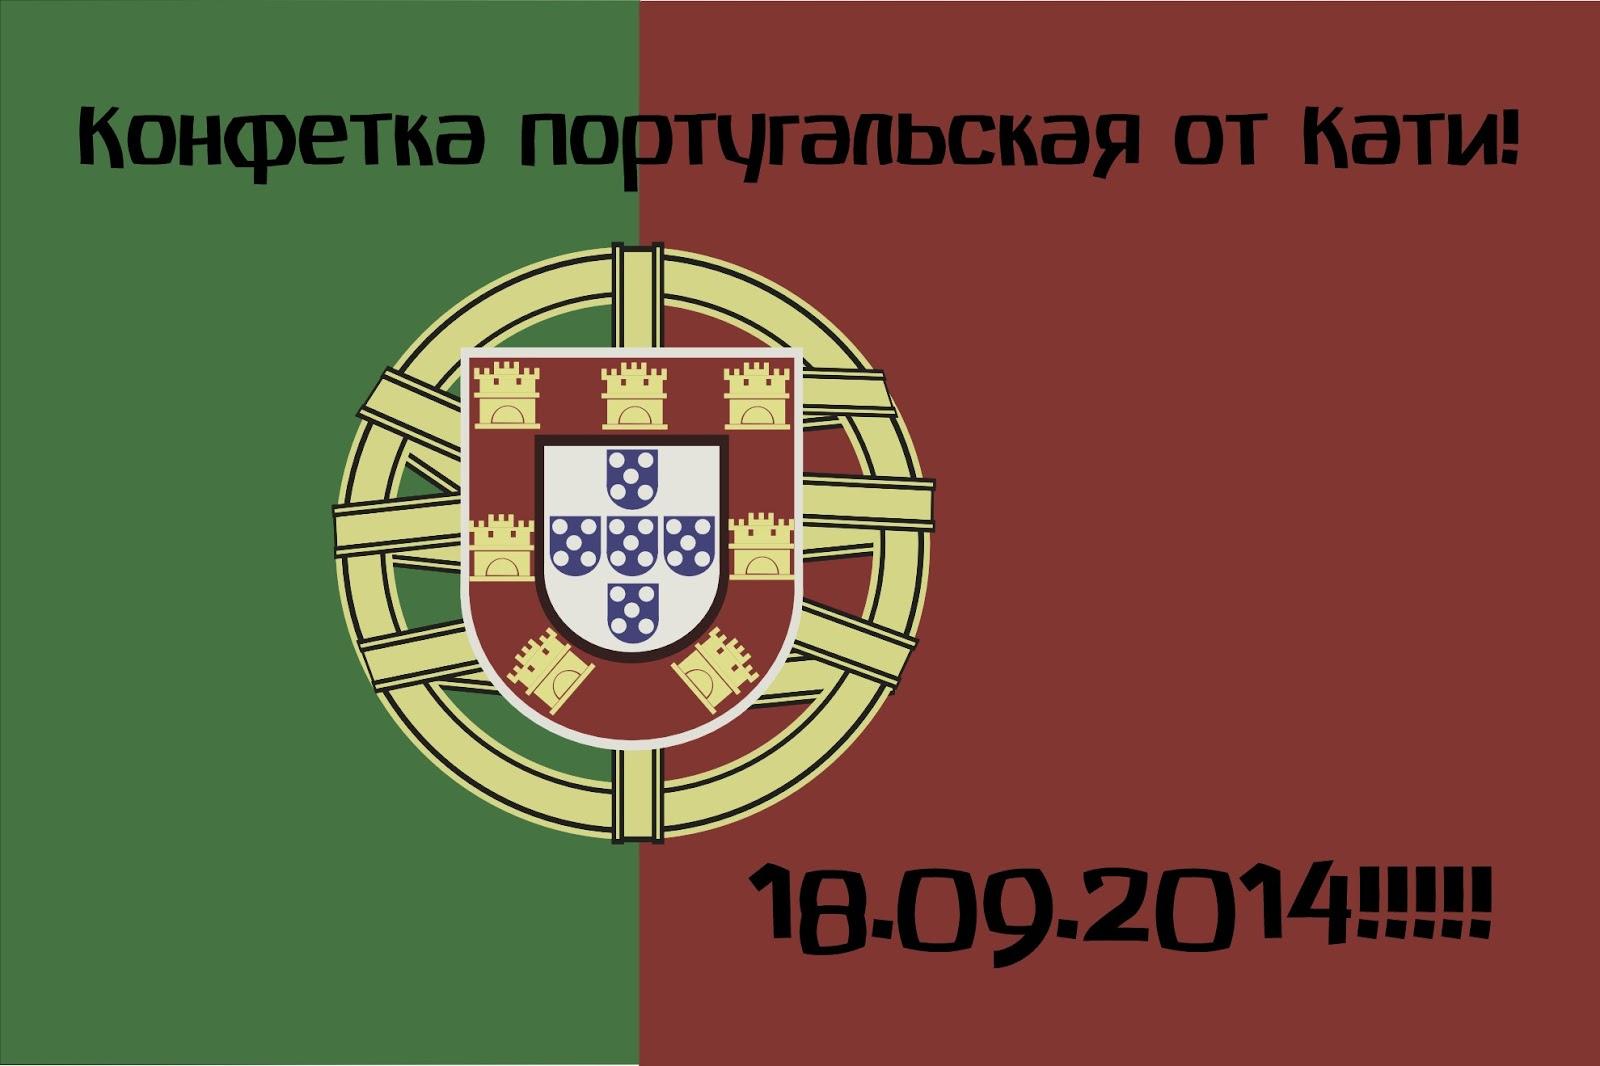 Португальская Конфетка до 18 сентября